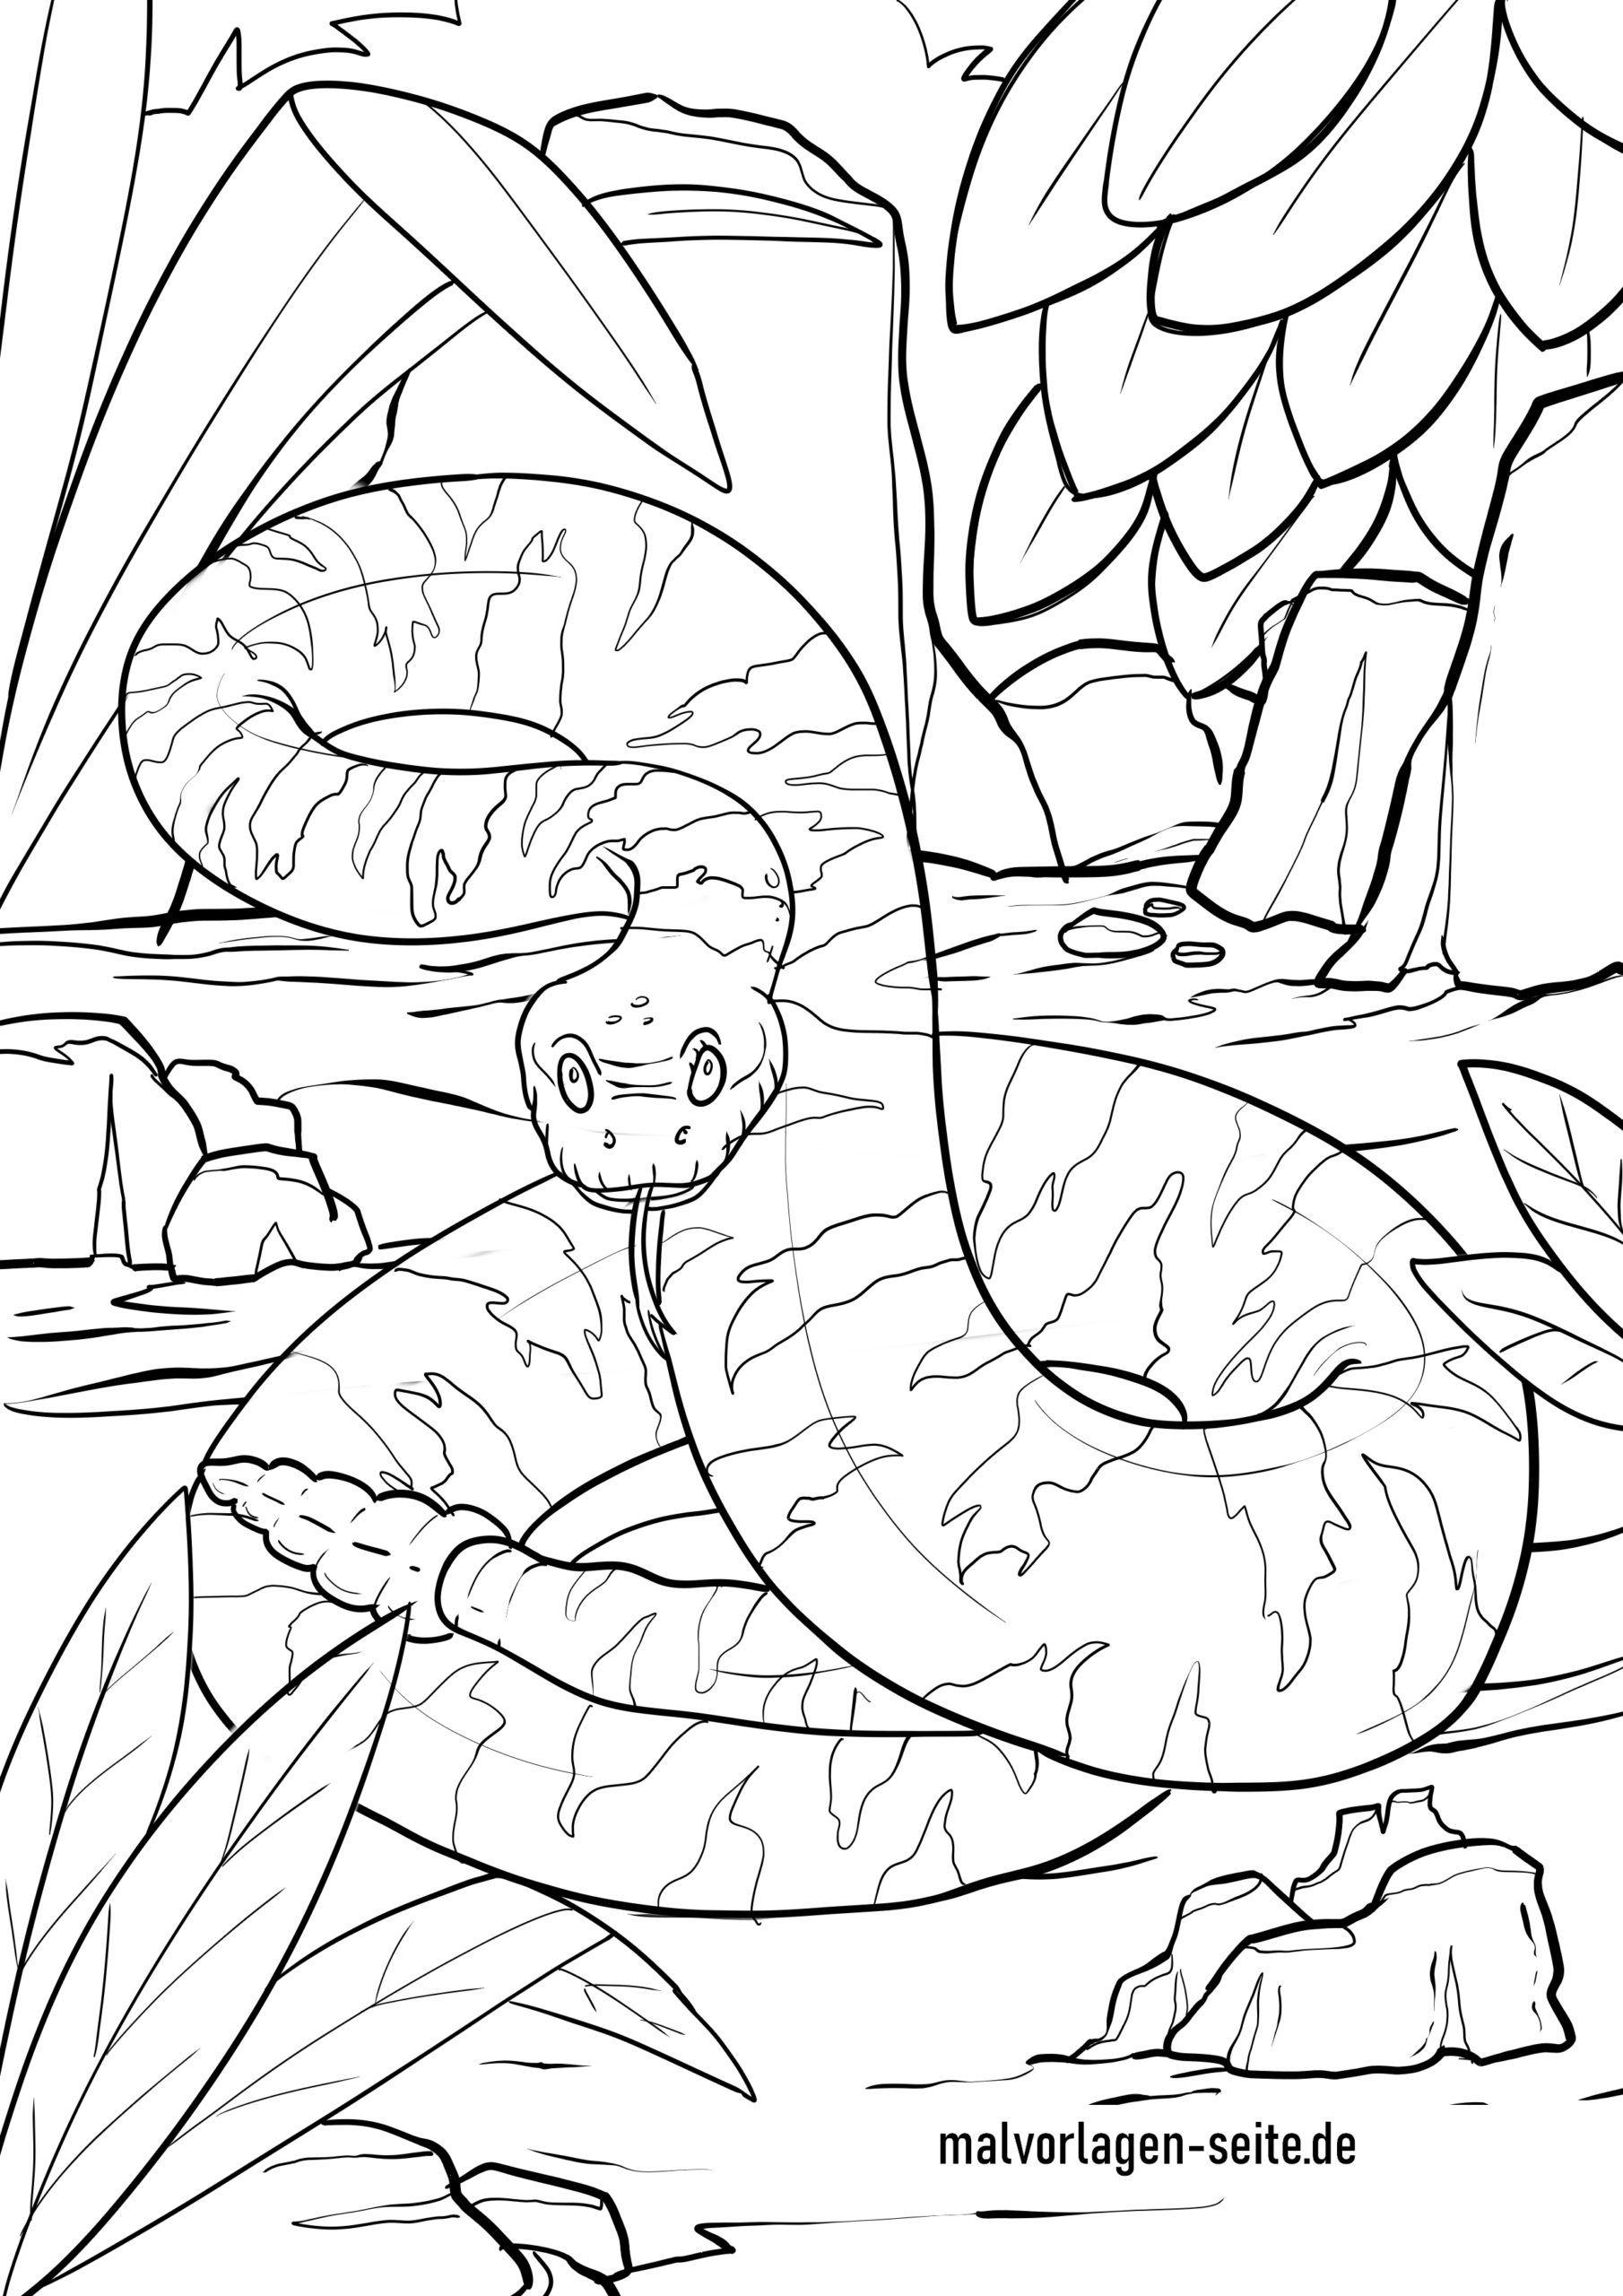 Malvorlage Schlange - Klapperschlange - Ausmalbilder verwandt mit Schlange Zum Ausmalen